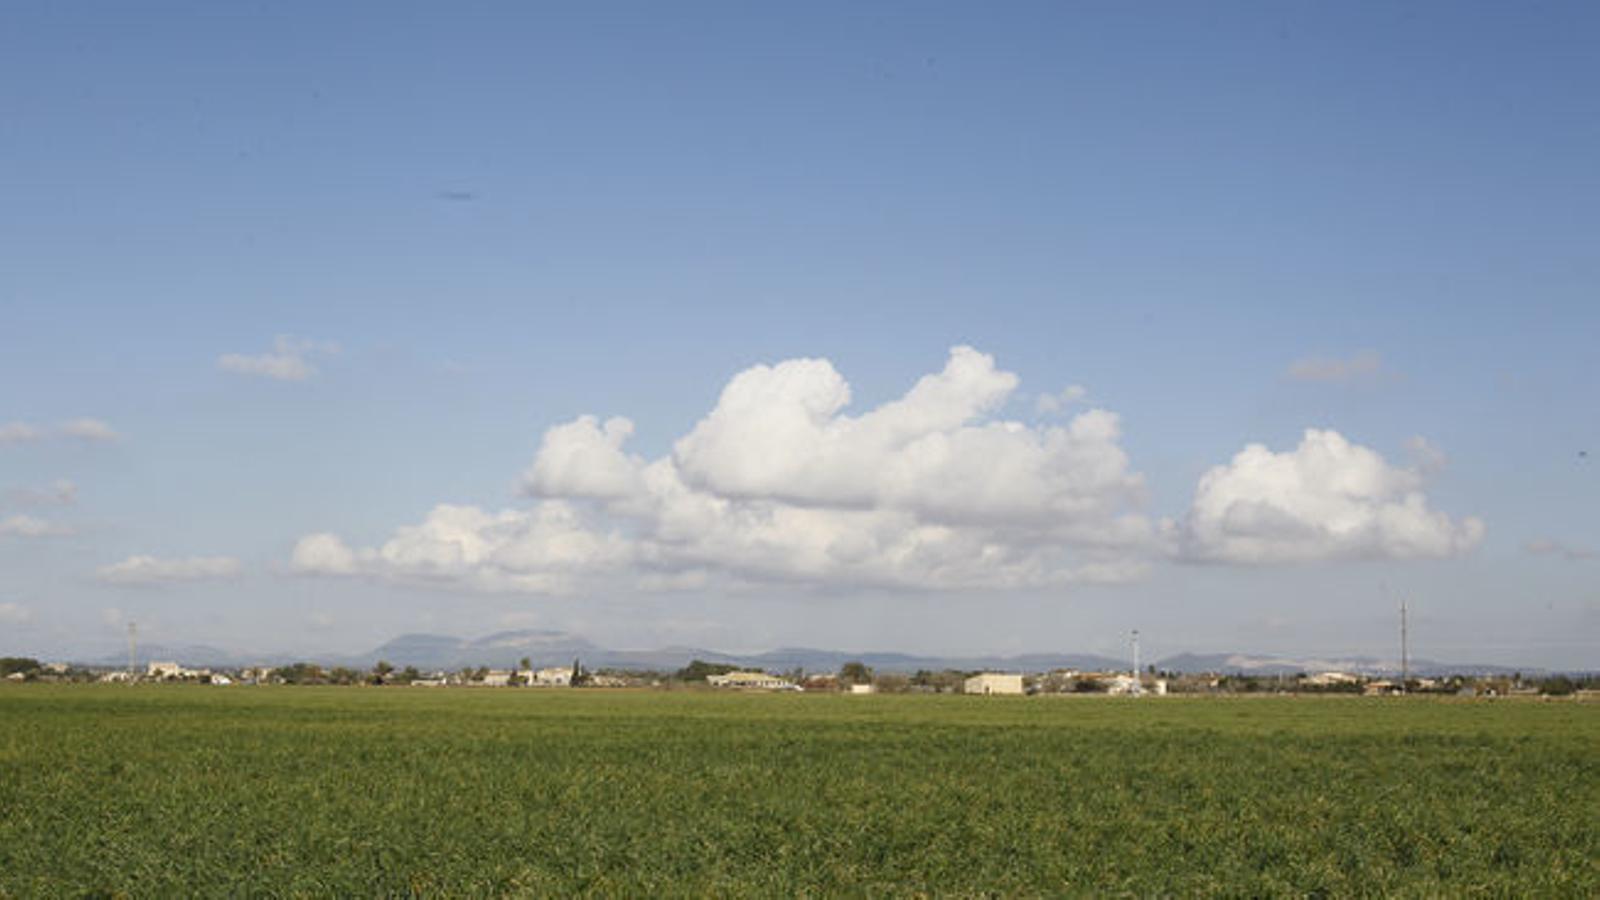 Cel clar amb niguls alts a les Illes Balears